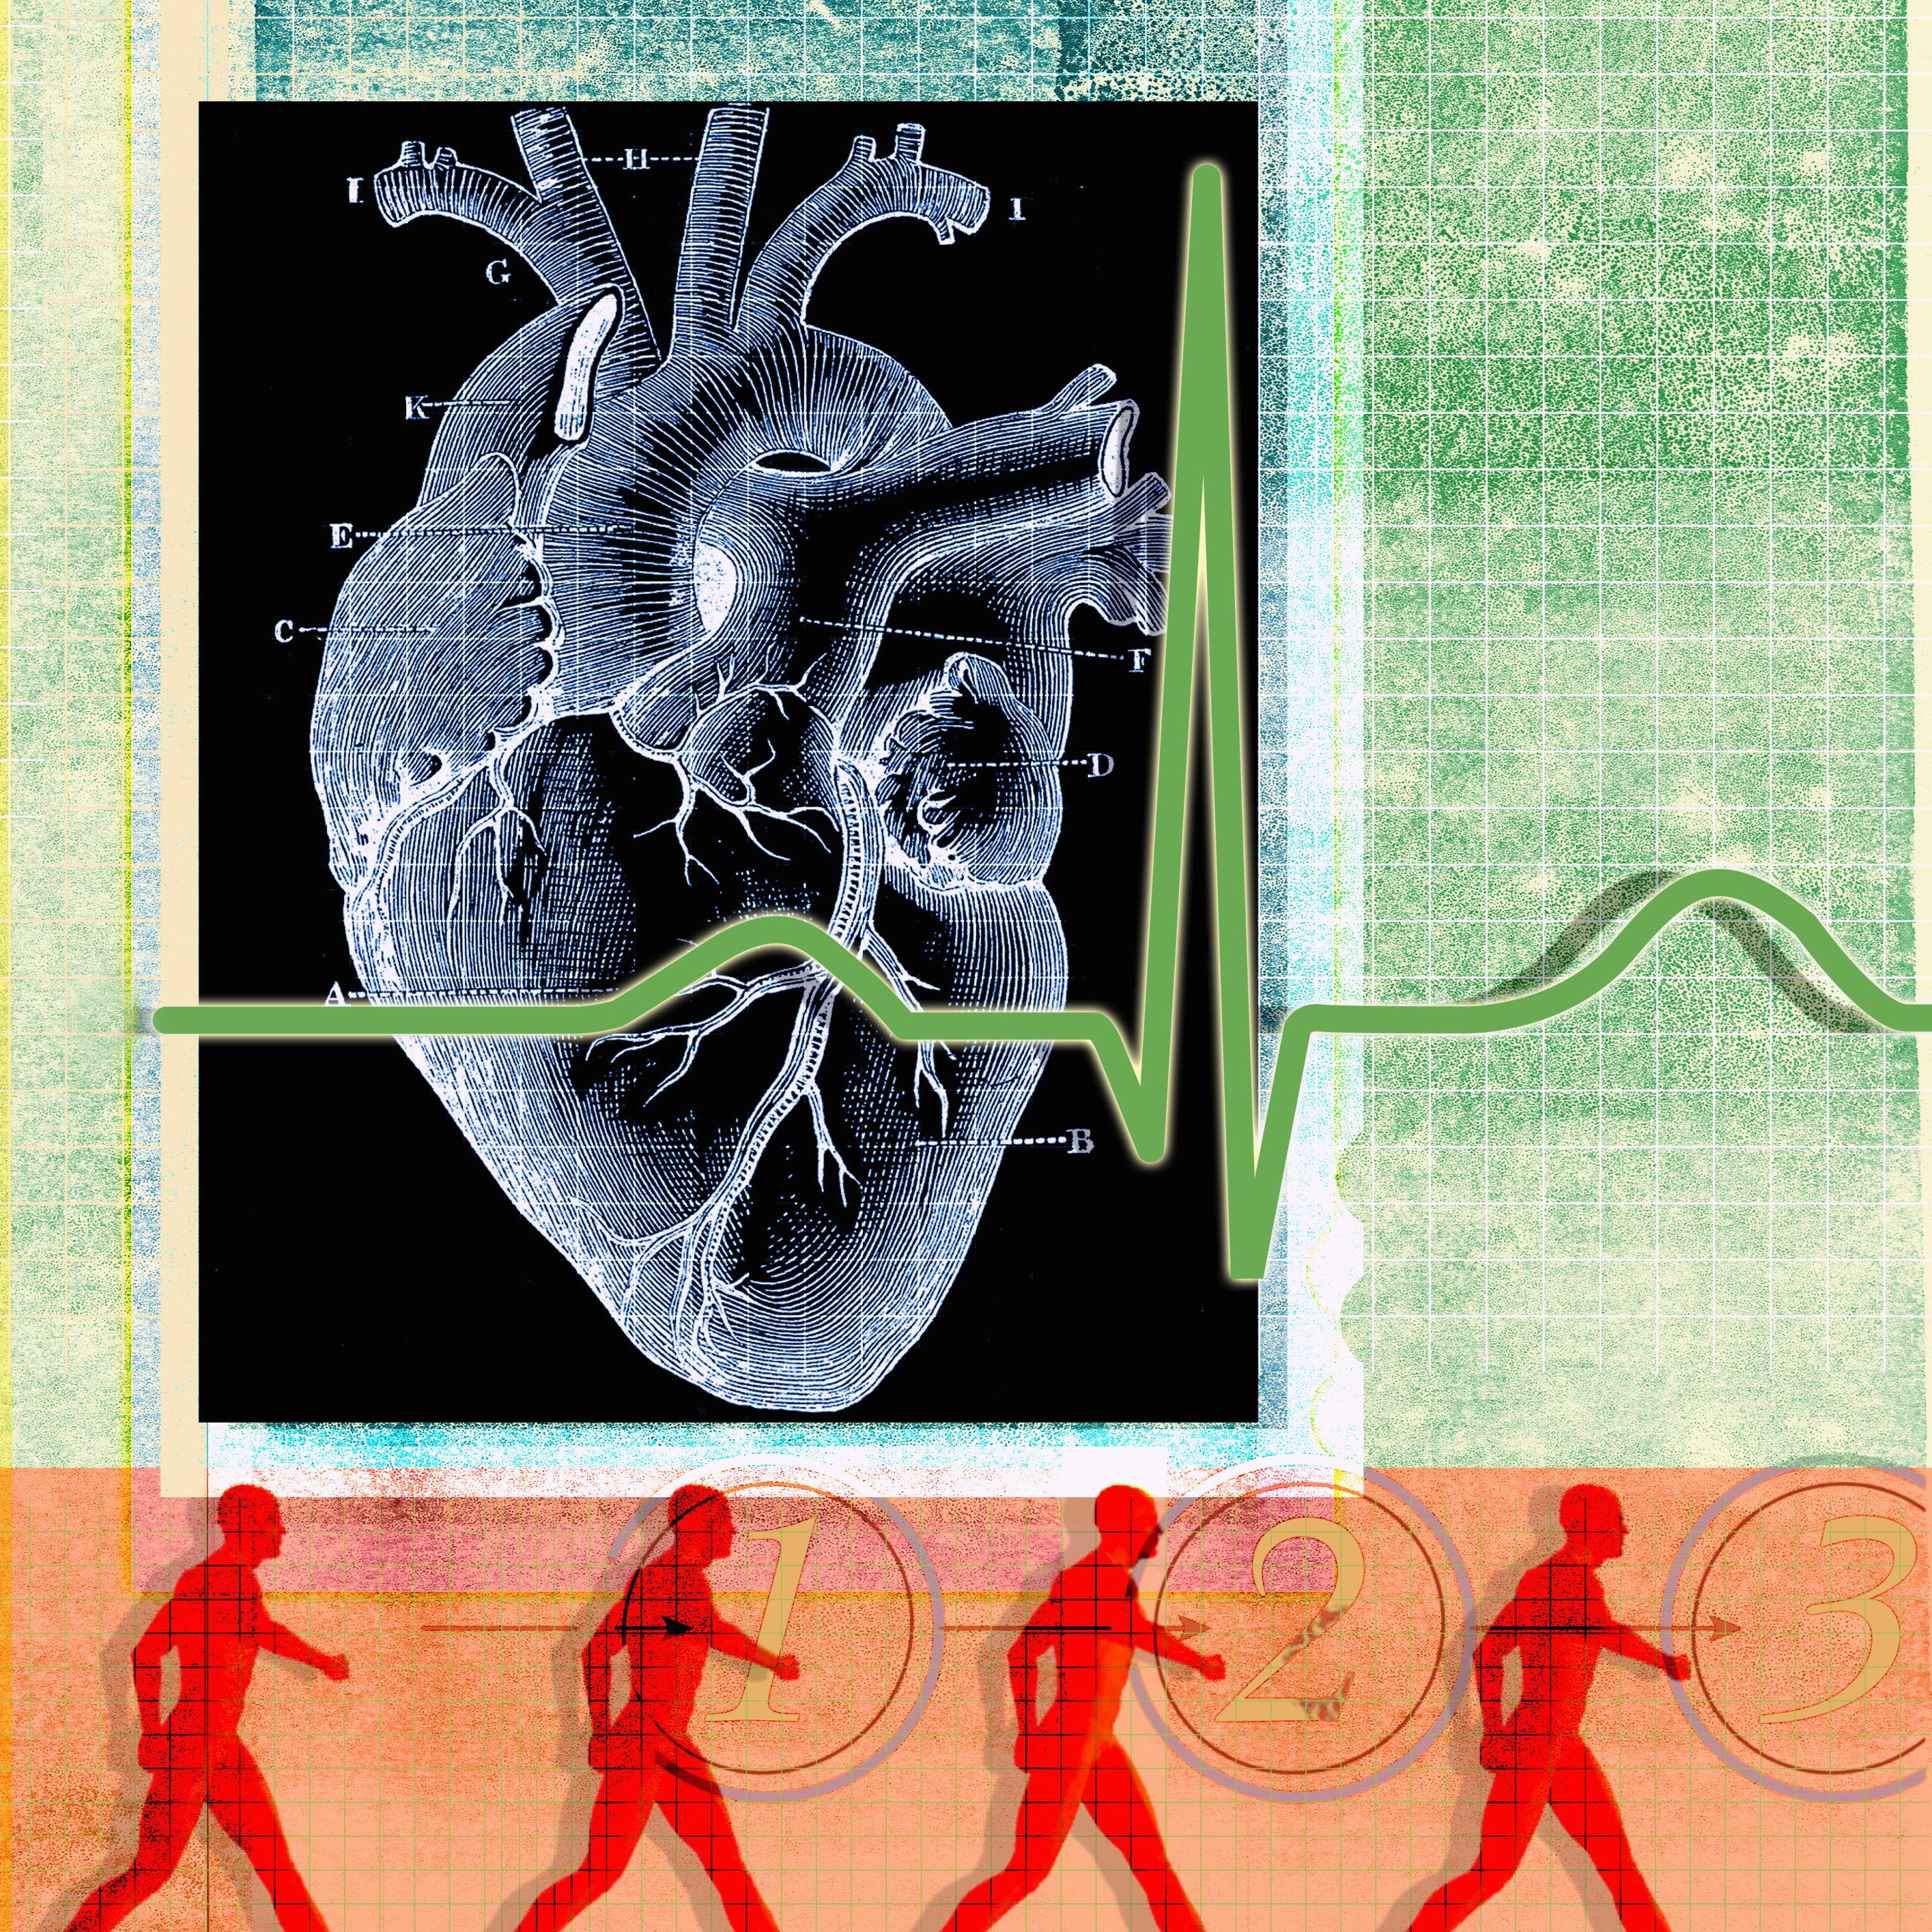 Htn y enfermedades del corazón